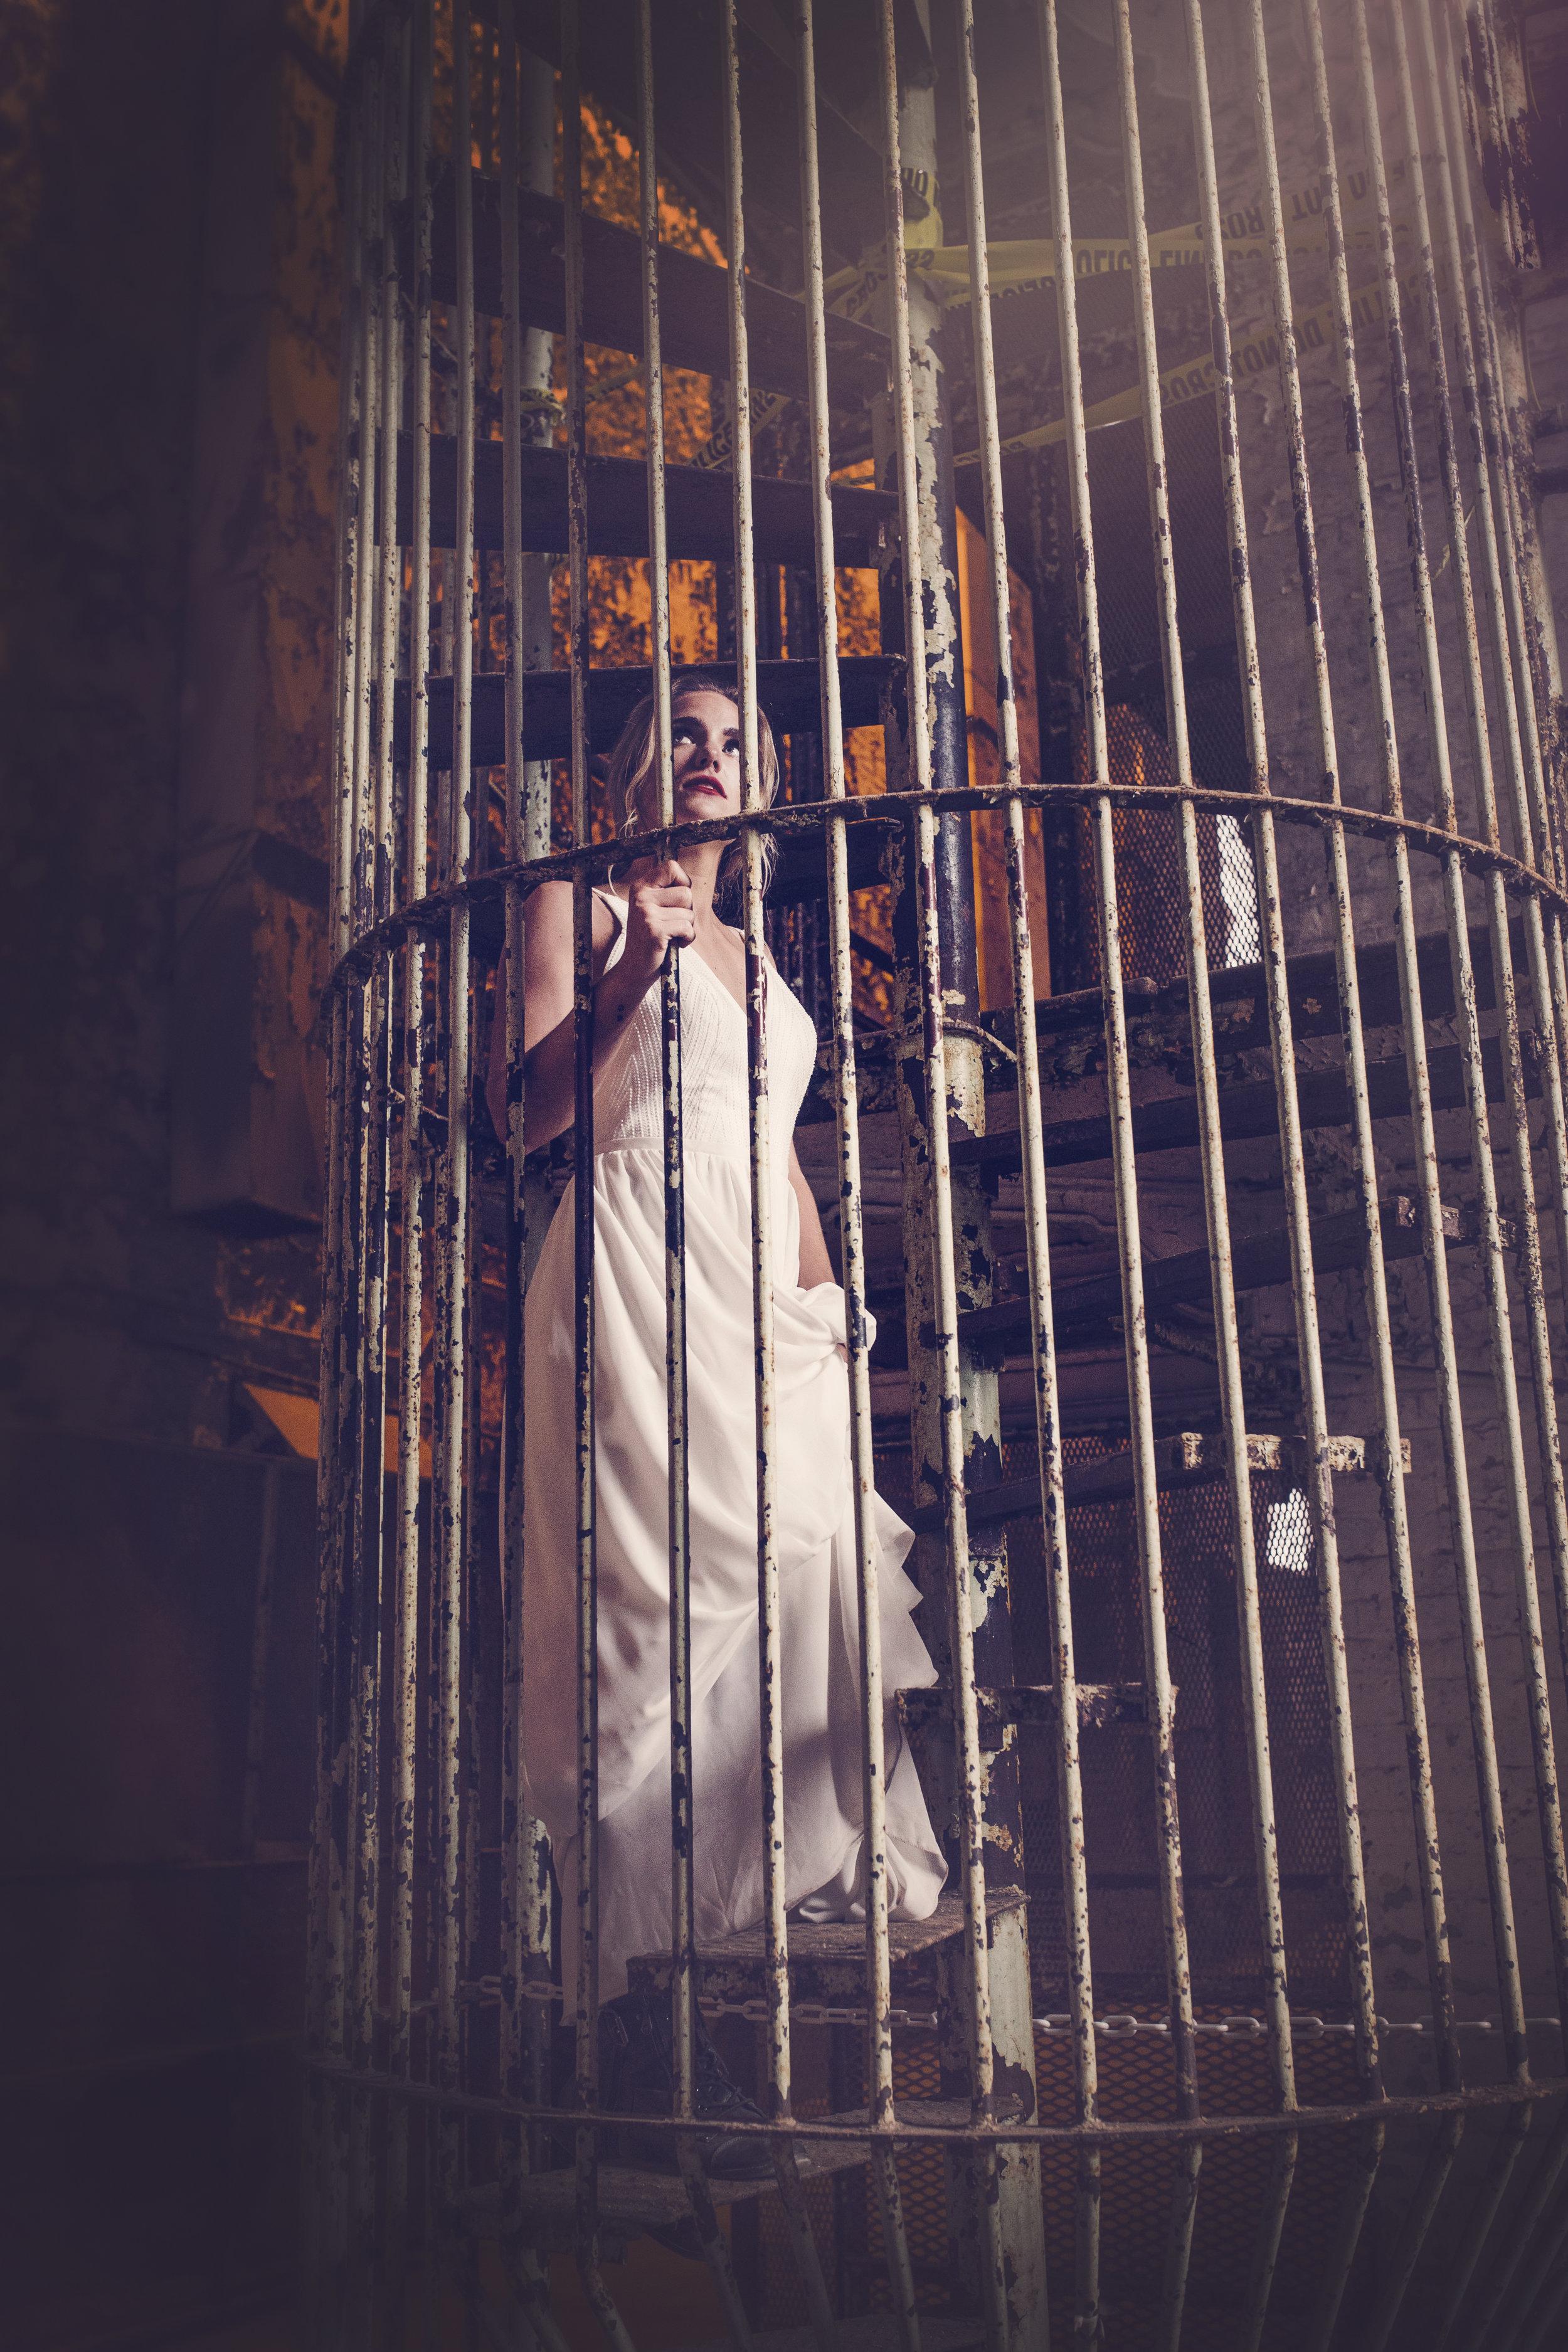 perception art studio, shawshank redemption, bride, prison, wedding gown